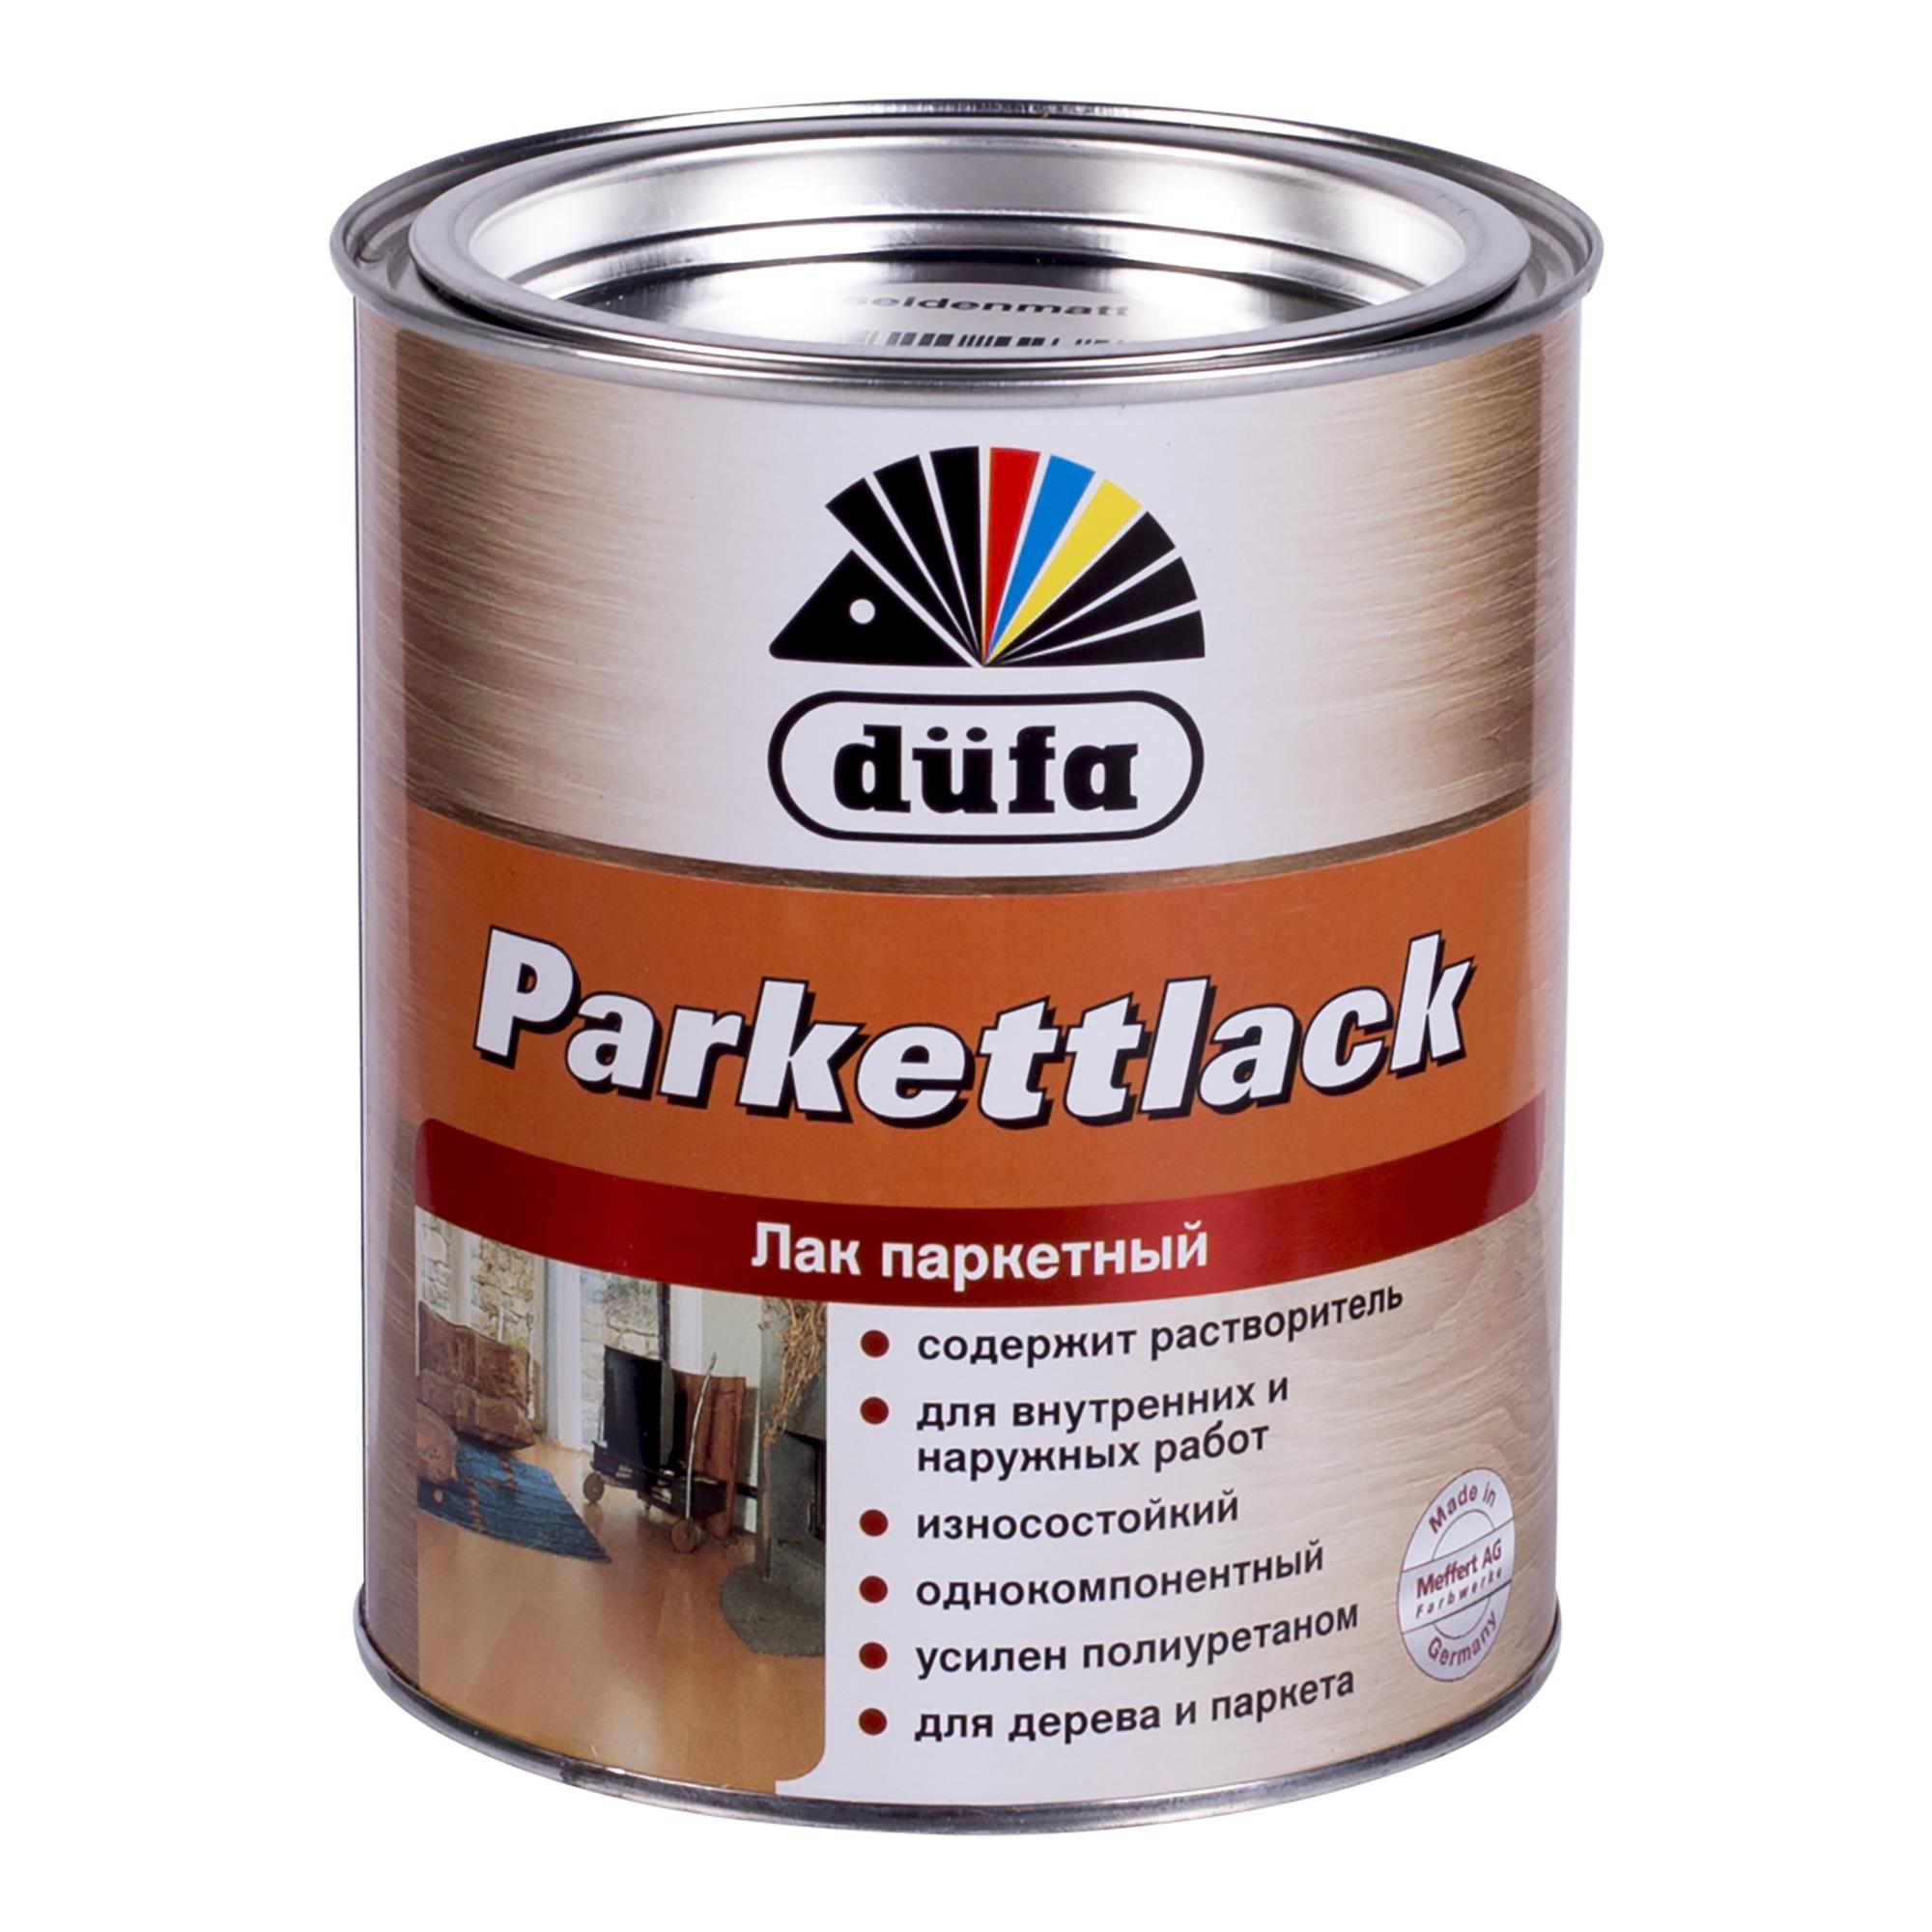 Паркетке арналған лак Dufa Parkettlack, жібек-күңгірт, көлемі 0,75 л, алкидті-полиуретанды негізді, сыртқы және ішкі жұмыстарға арналған